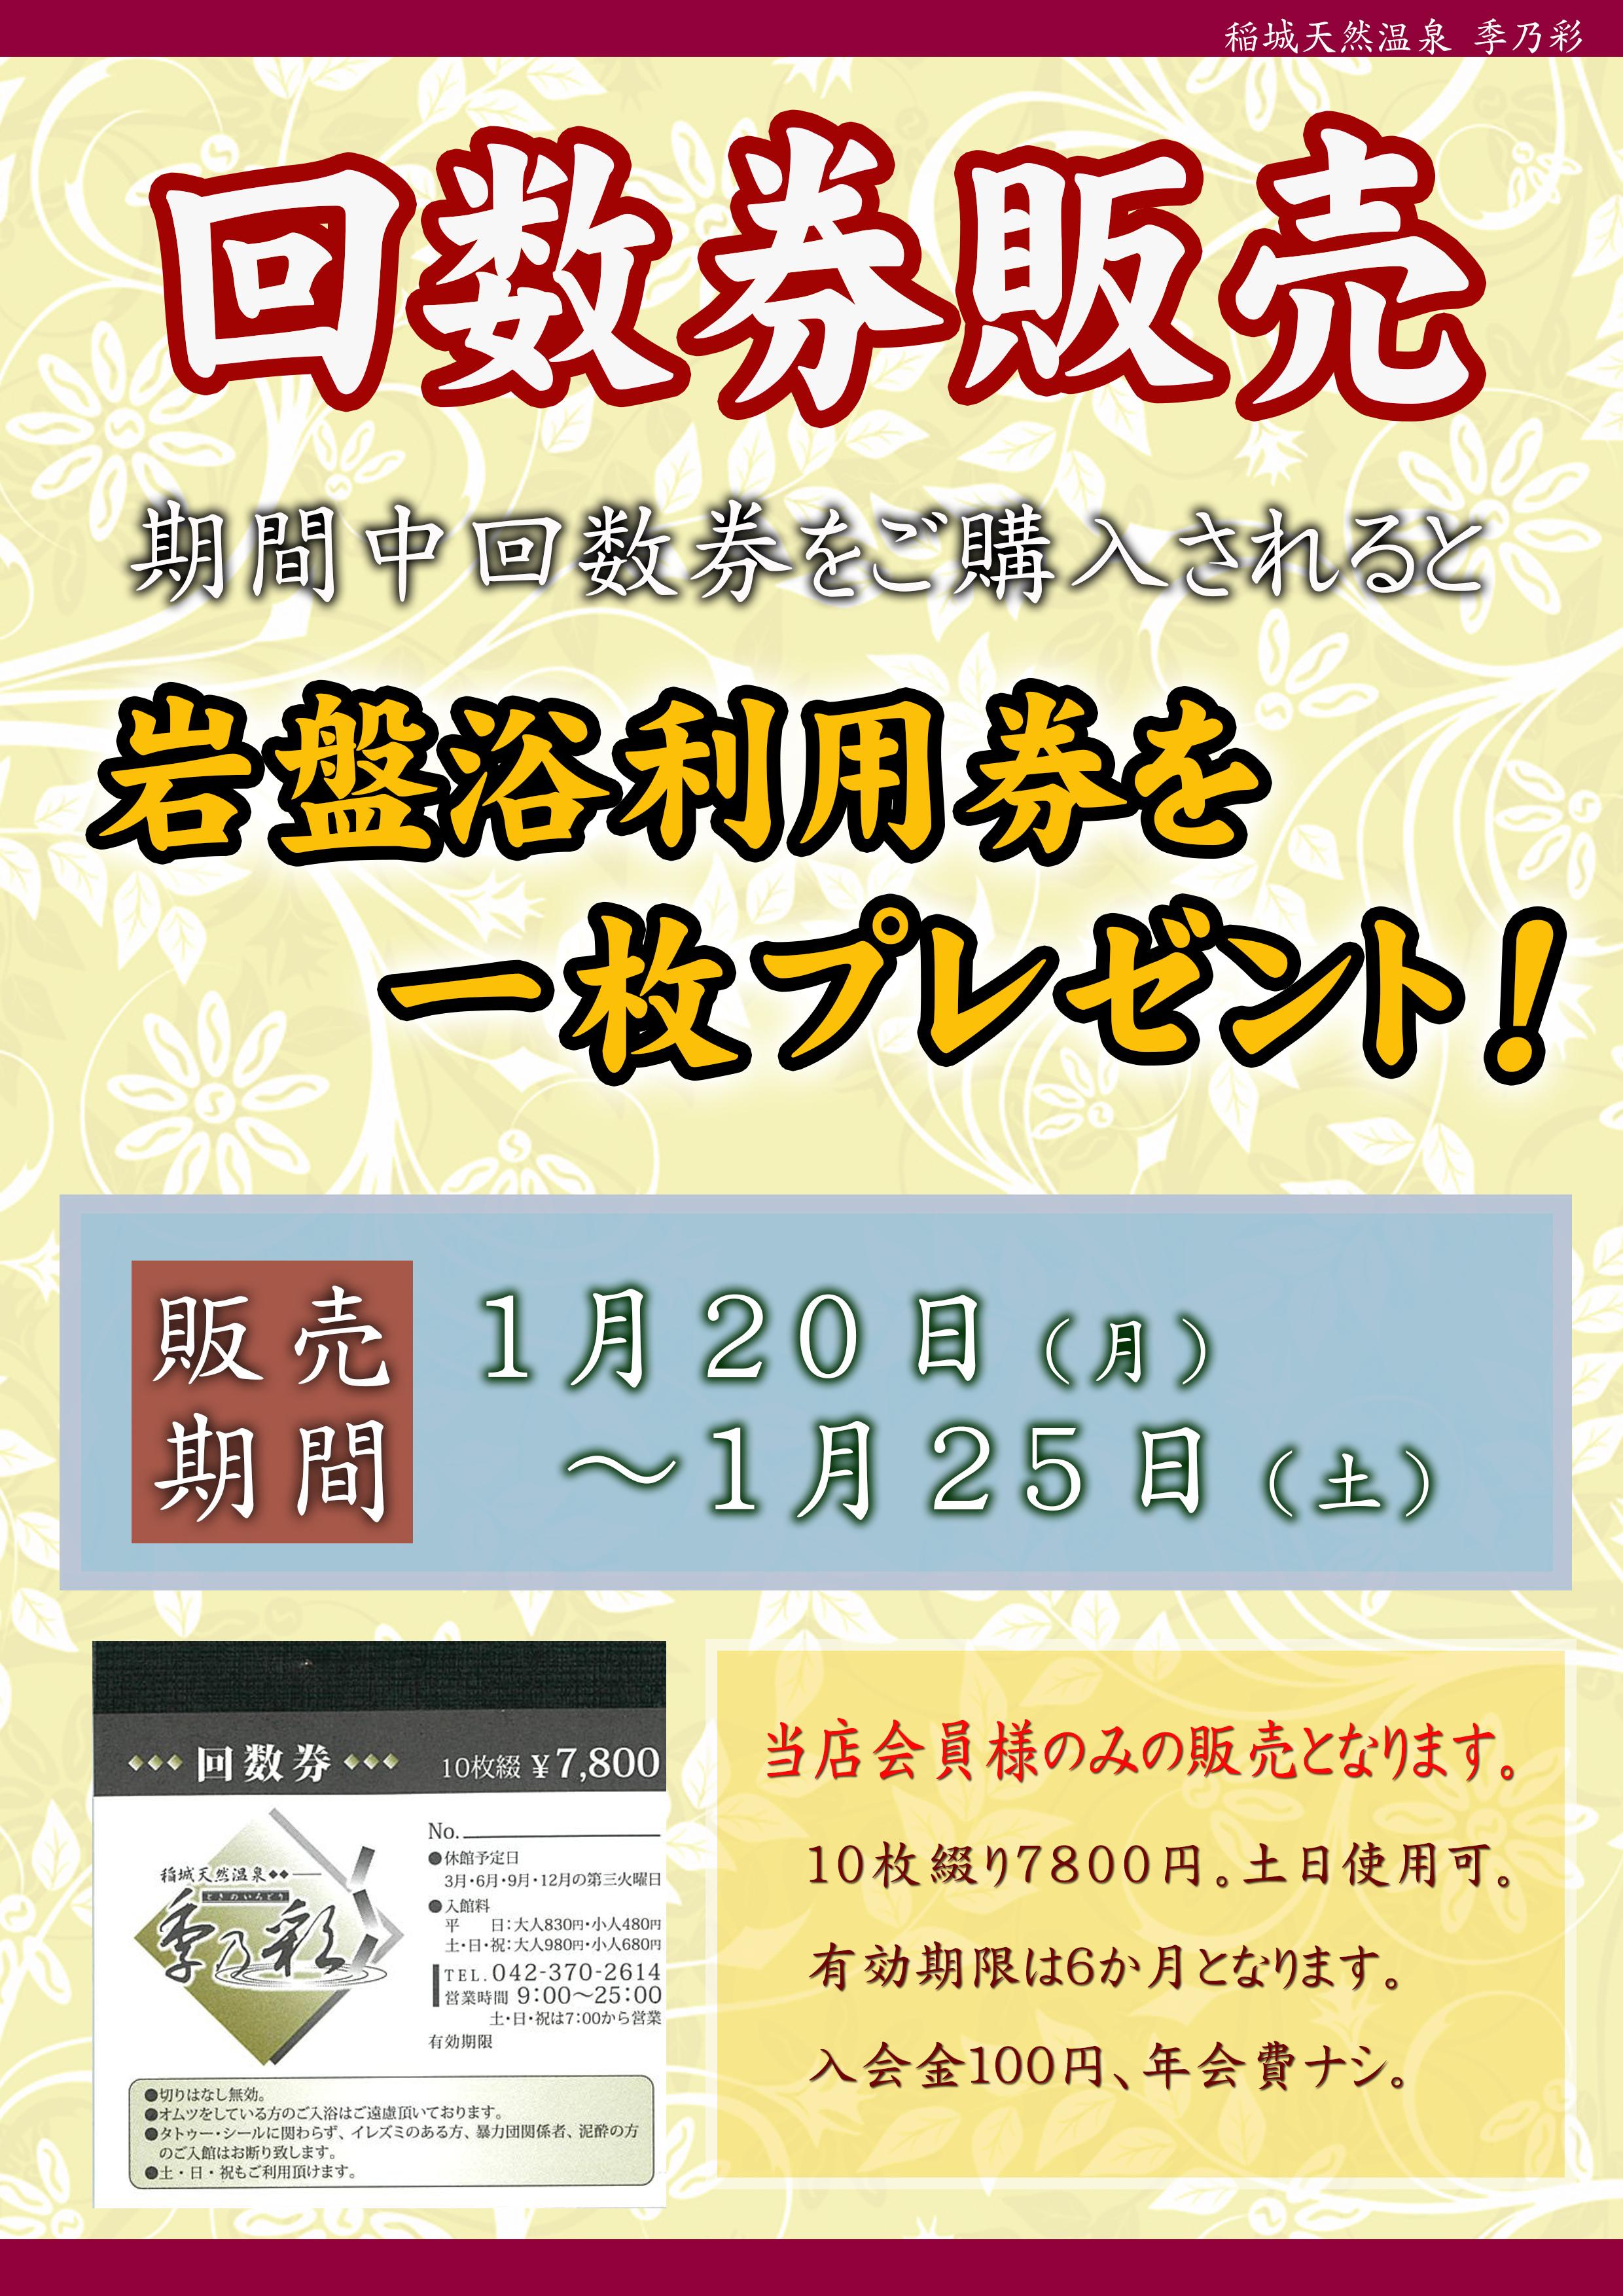 202001 POP イベント 回数券特売 岩盤浴券付与【入会100円】1月